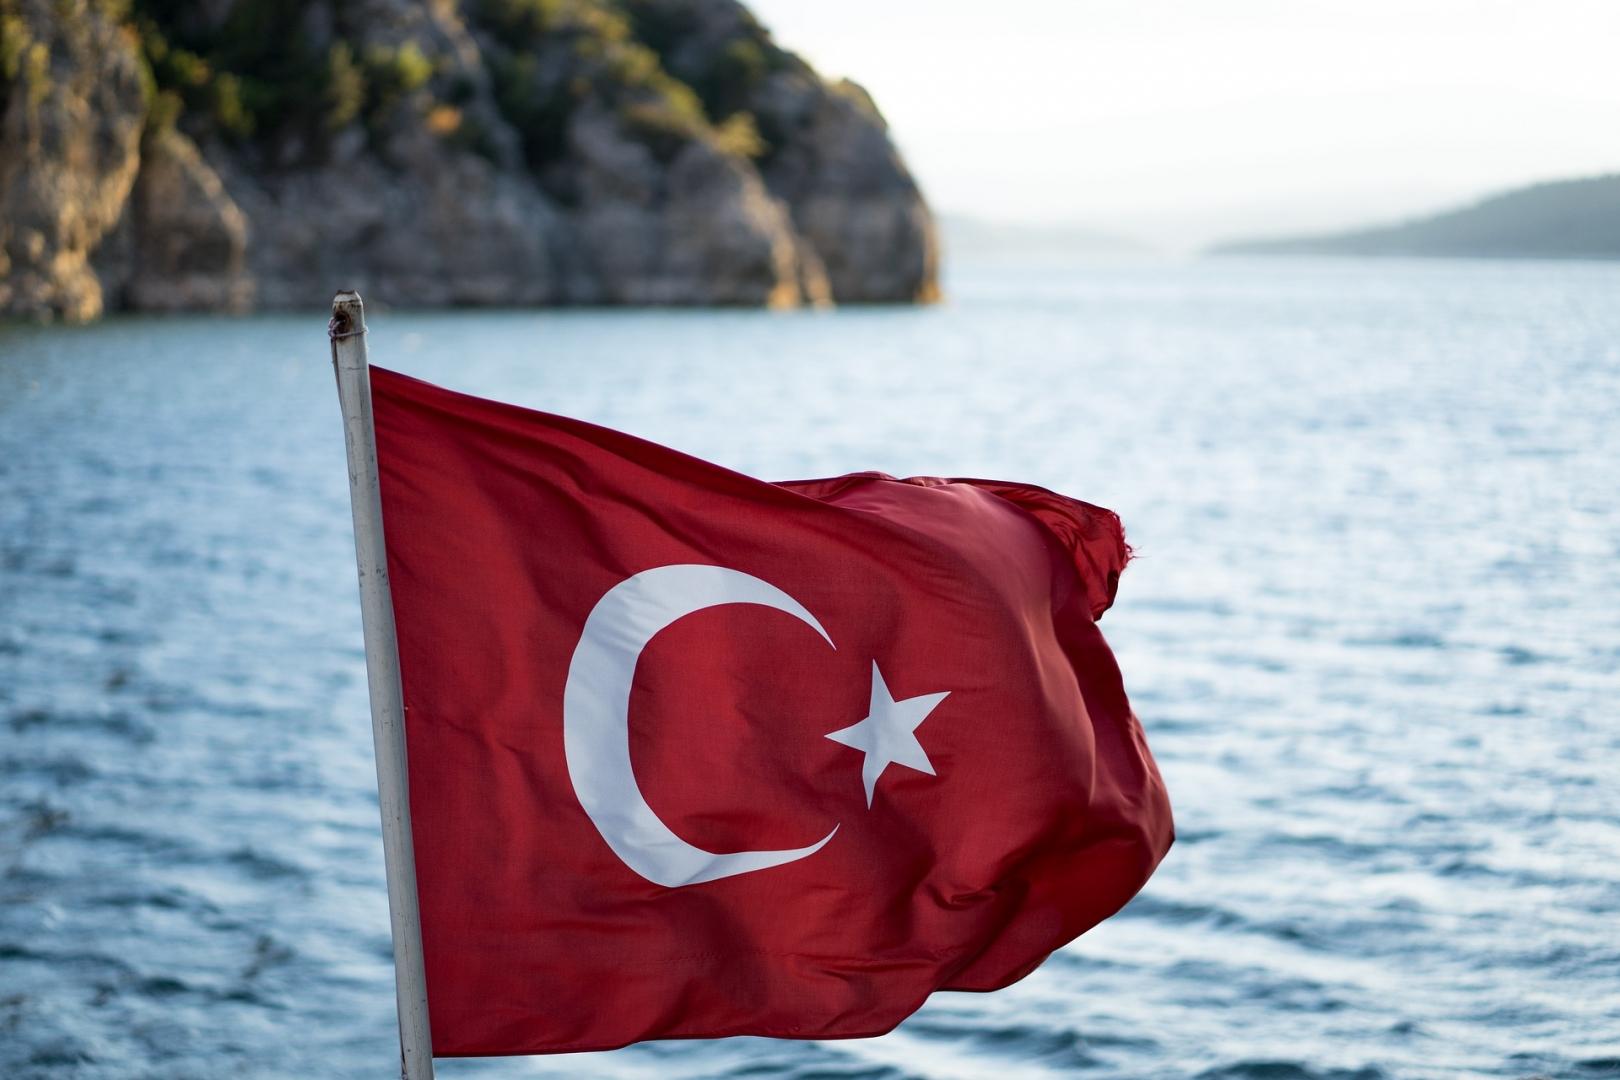 Рейсы накурорты Турции изРФоткроются с10 августа